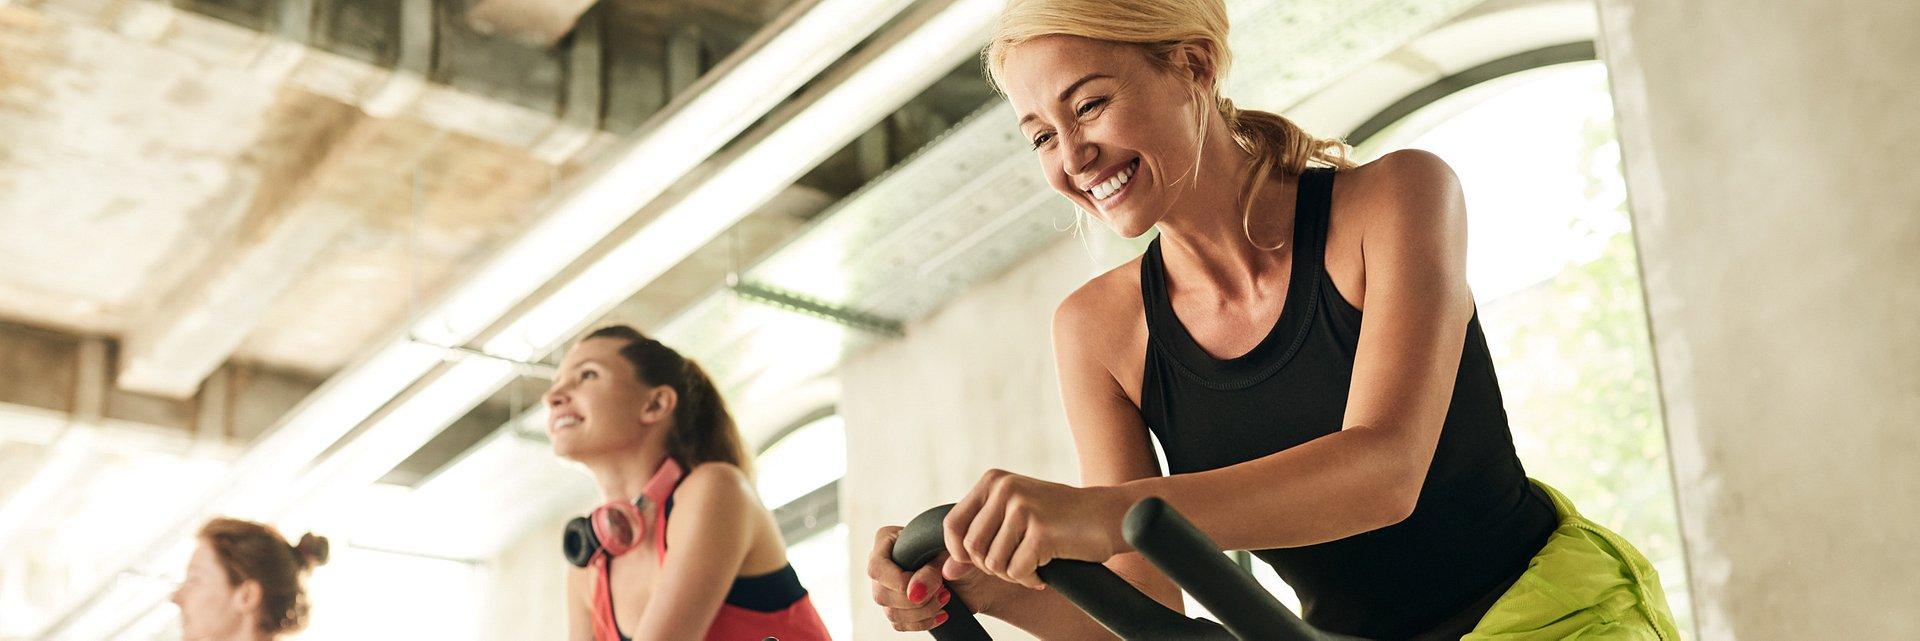 MultiSport Index 2018: 30% Polaków uprawia aktywność fizyczną 3 razy w tygodniu